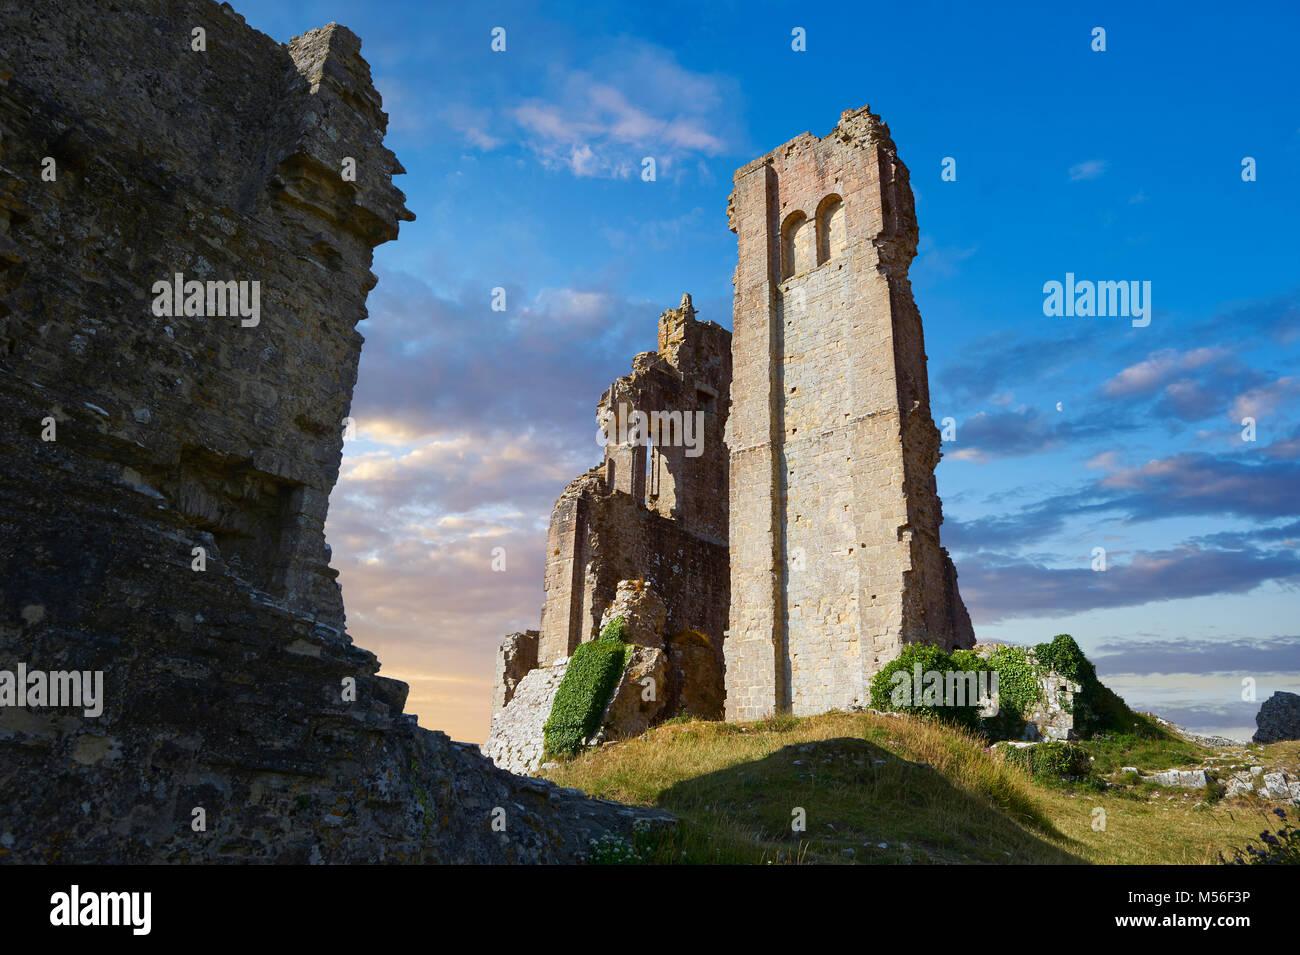 Medieval Corfe Castle mantenere close up sunrise, costruito nel 1086 da Guglielmo il Conquistatore, Dorset Inghilterra Immagini Stock